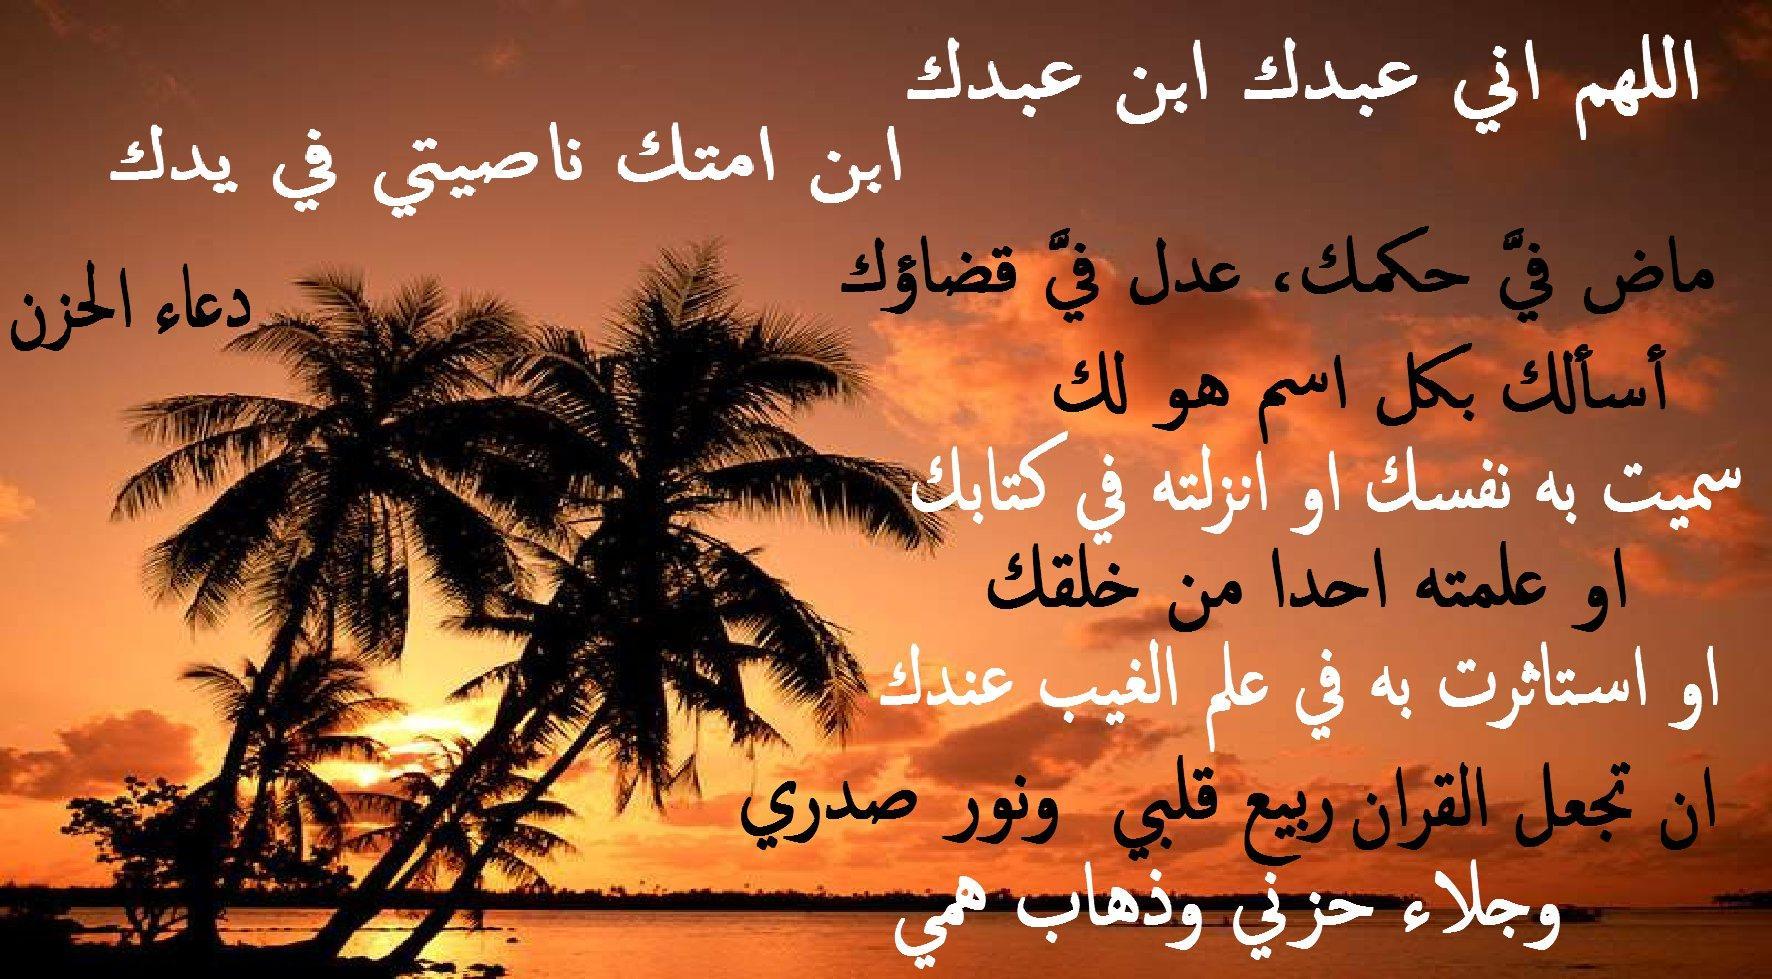 صور اسلامية مكتوبة (3)